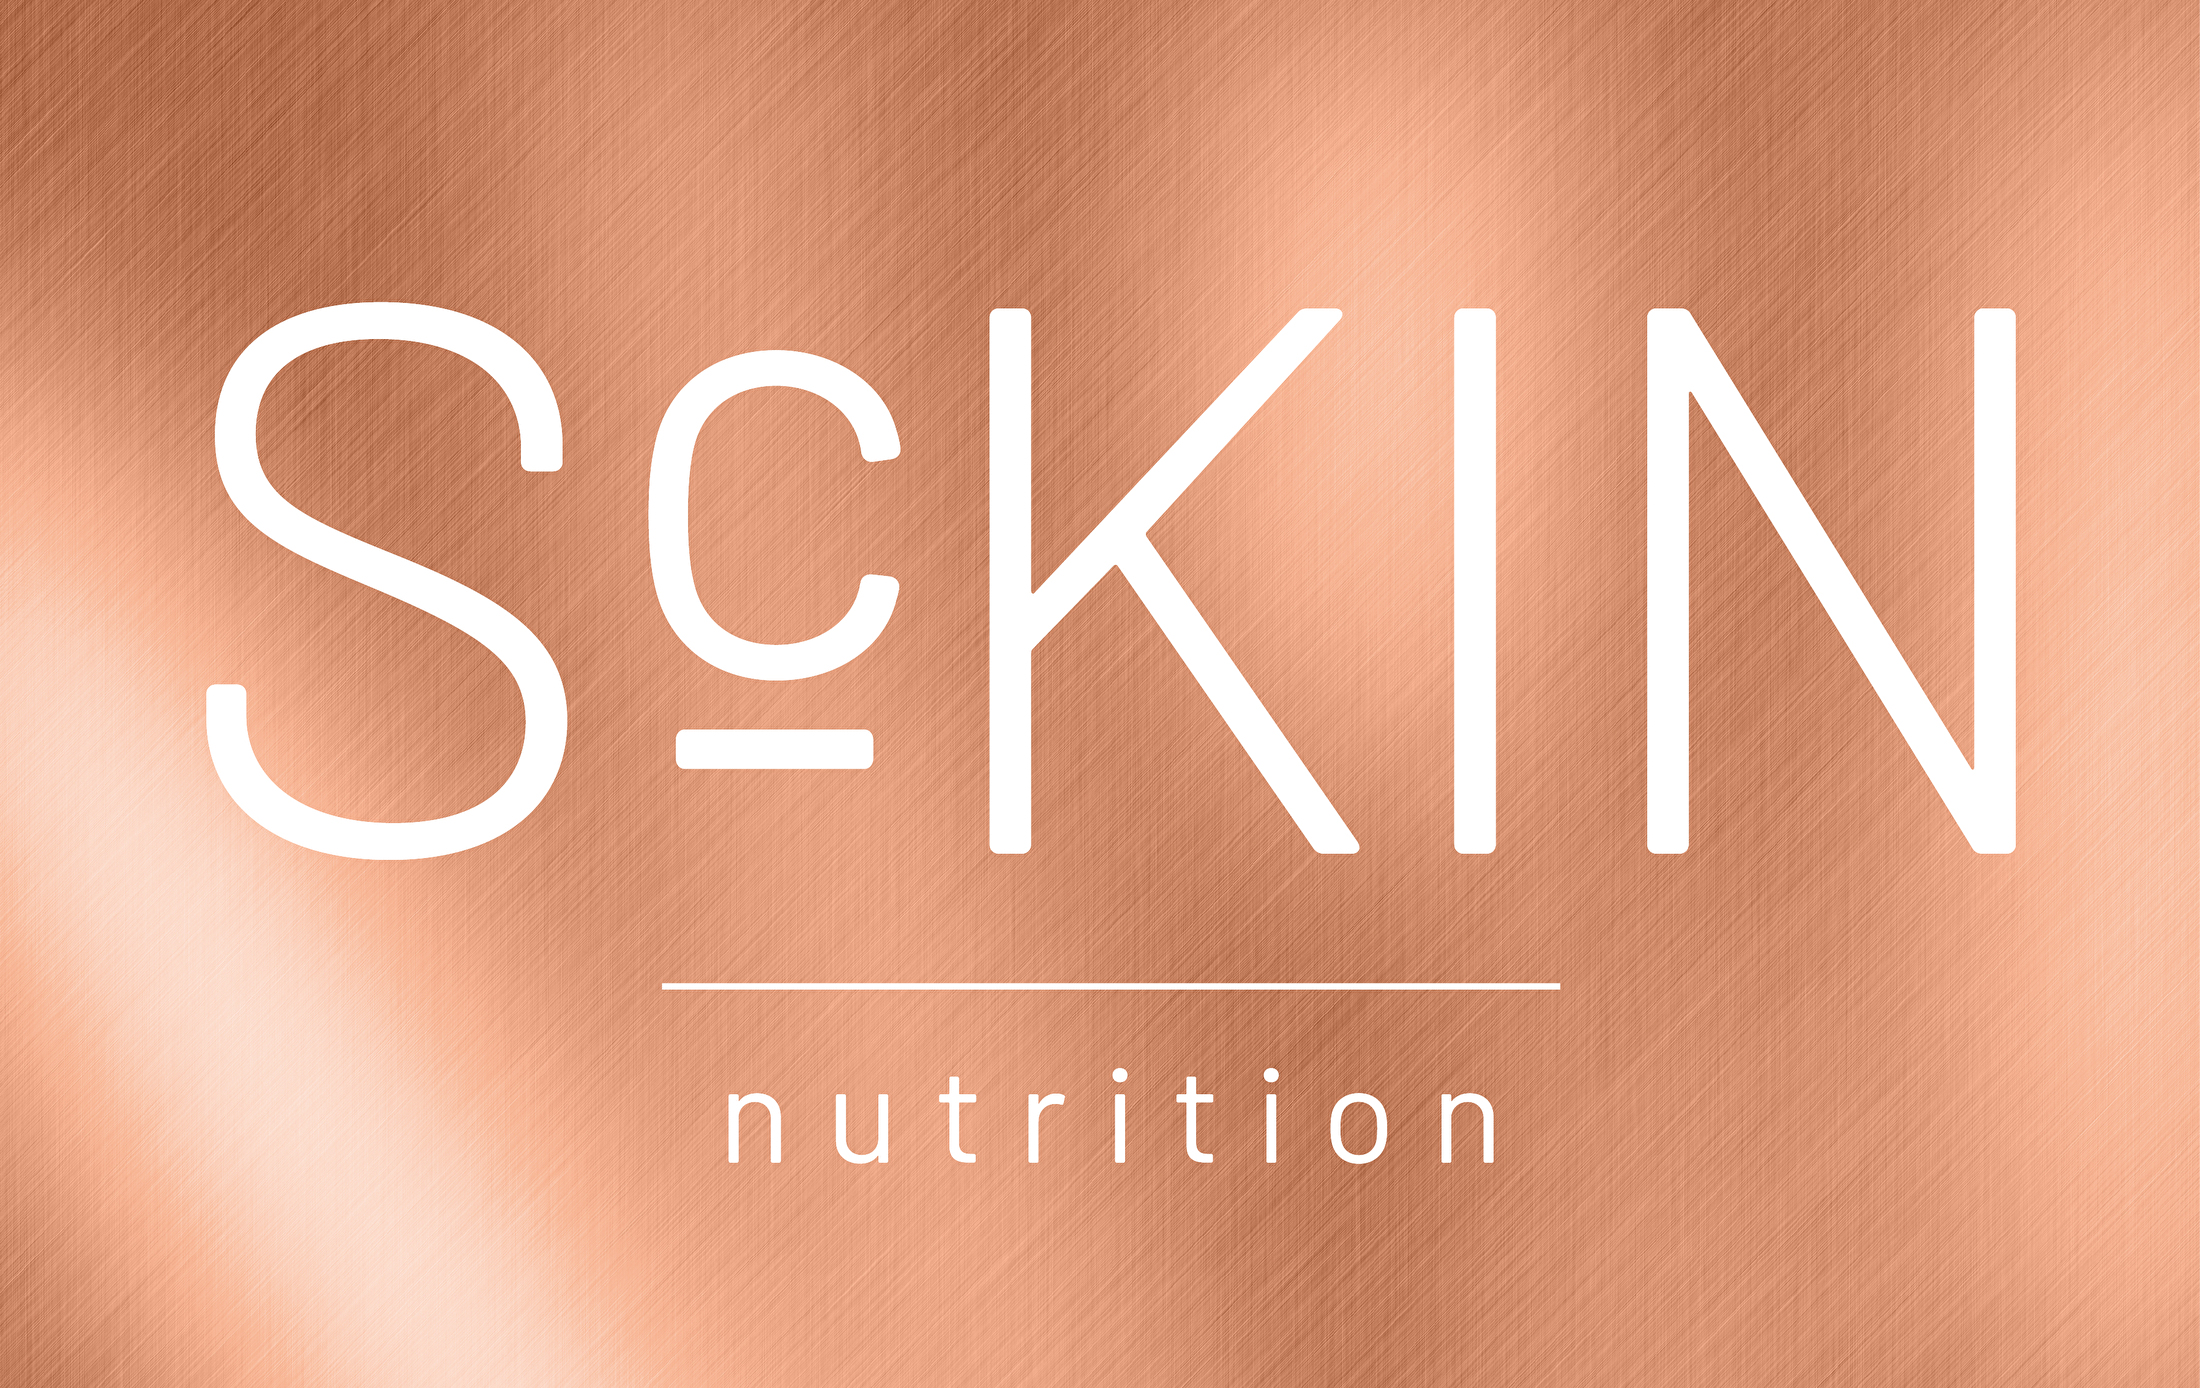 ScKin Nutrition